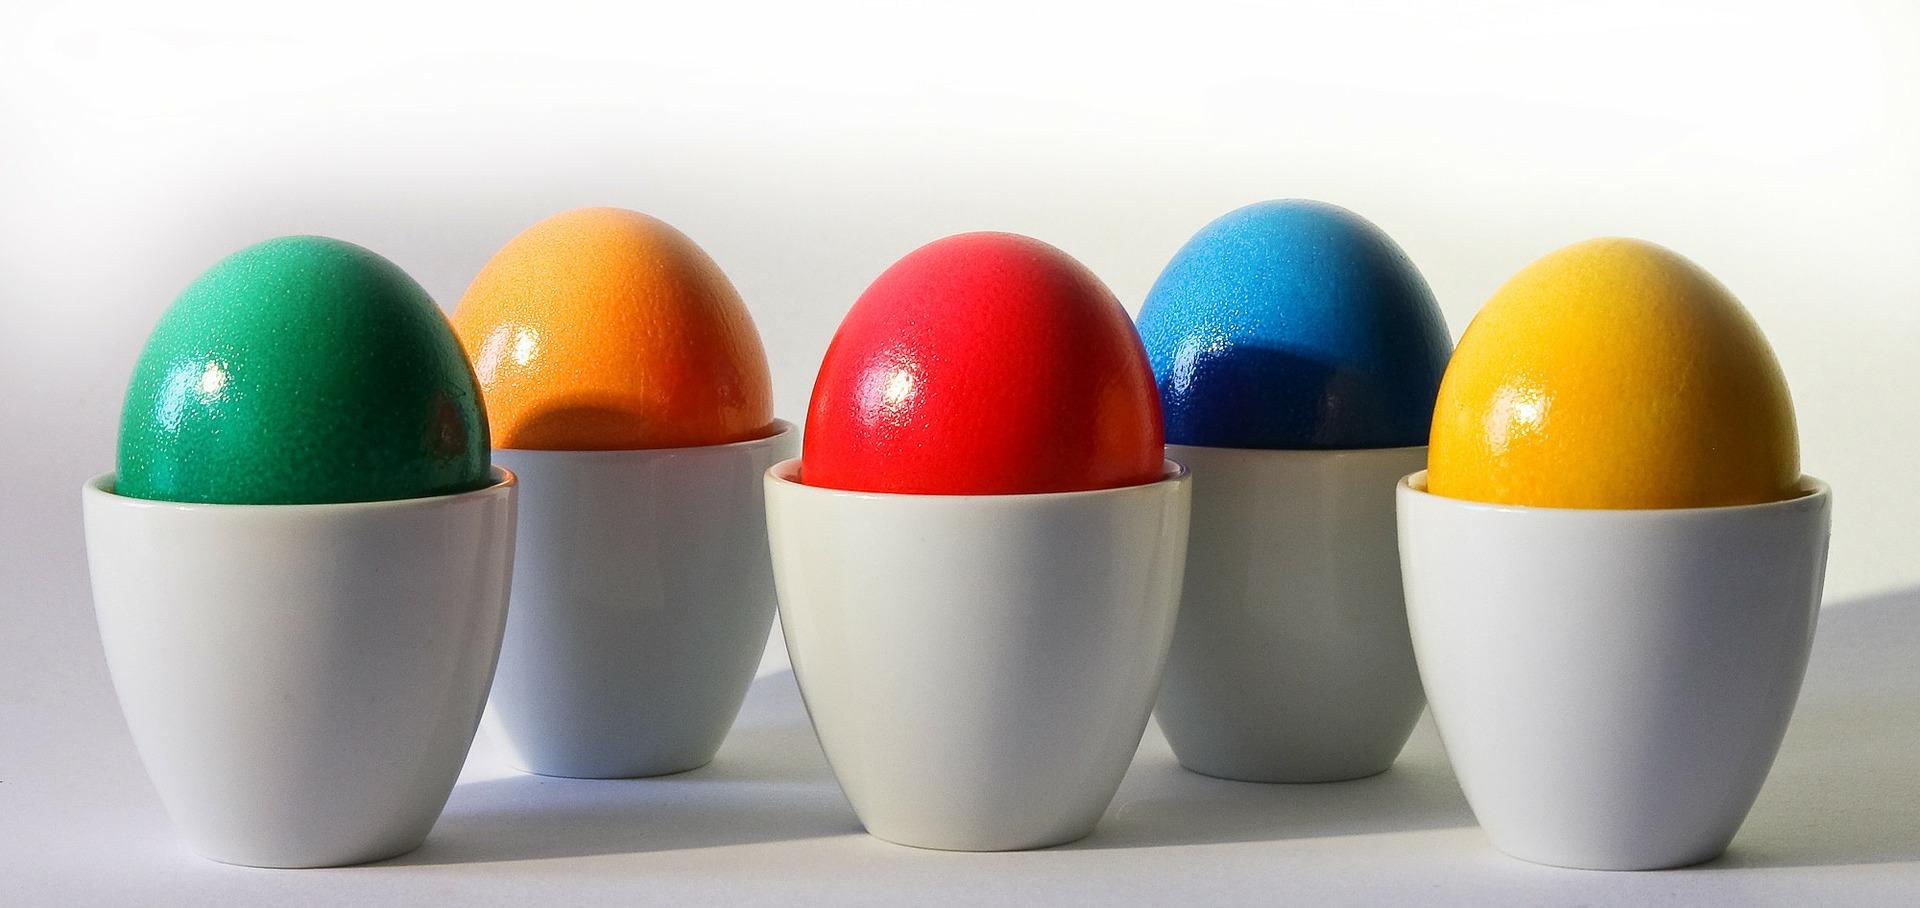 egg-328408_1920.jpg